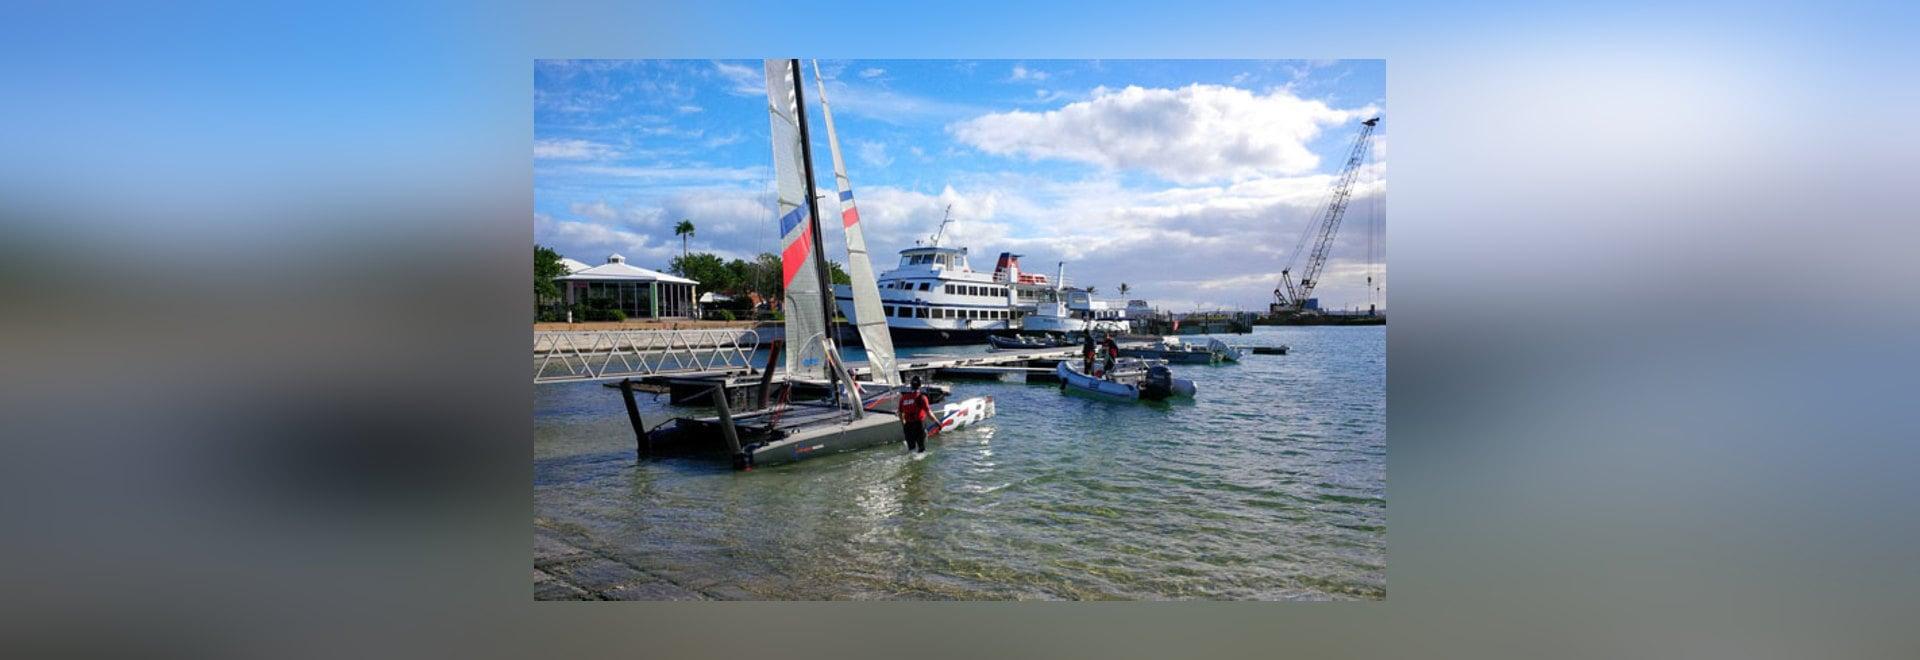 L'emballage de Ben Ainslie arrive en Bermudes pour l'Amérique ? formation de tasse de s